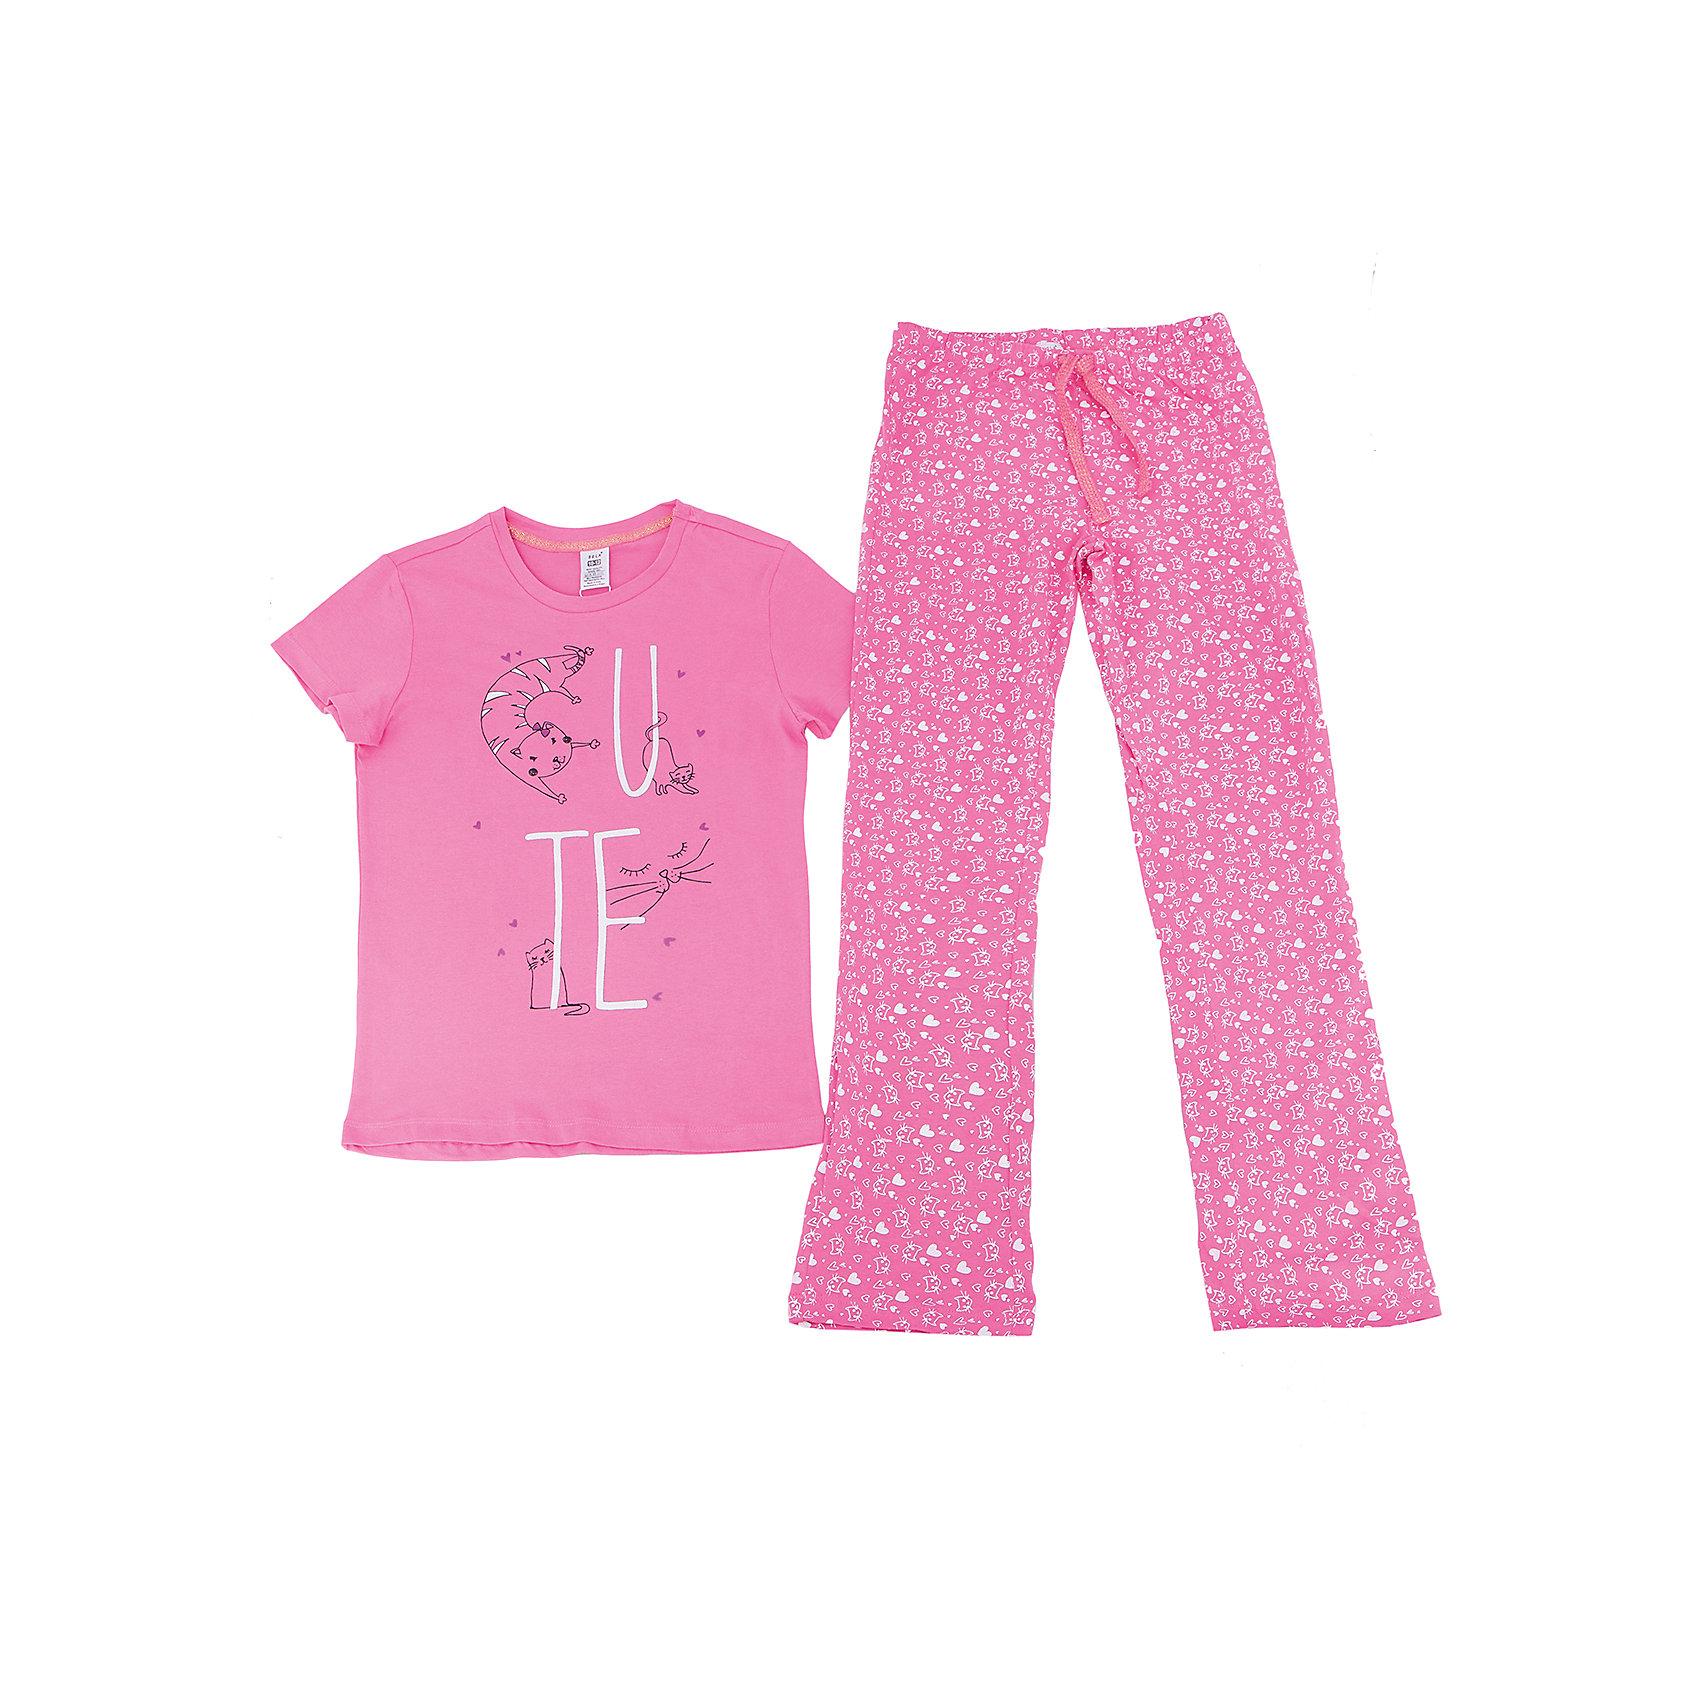 Пижама для девочки SELAПижамы и сорочки<br>Характеристики товара:<br><br>• цвет: розовый<br>• состав: 100% хлопок<br>• комплектация: футболка, брюки<br>• короткие рукава<br>• принт<br>• пояс: мягкая резинка и шнурок<br>• коллекция весна-лето 2017<br>• страна бренда: Российская Федерация<br>• страна производства: Индия<br><br>Вещи из новой коллекции SELA продолжают радовать удобством! Симпатичная пижама поможет обеспечить ребенку комфорт - она очень удобно сидит на теле. В составе материала - натуральный хлопок. Отличная одежда для комфортного сна!<br><br>Одежда, обувь и аксессуары от российского бренда SELA не зря пользуются большой популярностью у детей и взрослых! Модели этой марки - стильные и удобные, цена при этом неизменно остается доступной. Для их производства используются только безопасные, качественные материалы и фурнитура. Новая коллекция поддерживает хорошие традиции бренда! <br><br>Пижаму для девочки от популярного бренда SELA (СЕЛА) можно купить в нашем интернет-магазине.<br><br>Ширина мм: 281<br>Глубина мм: 70<br>Высота мм: 188<br>Вес г: 295<br>Цвет: розовый<br>Возраст от месяцев: 24<br>Возраст до месяцев: 36<br>Пол: Женский<br>Возраст: Детский<br>Размер: 92/98,128/134,140/146,104/110,116/122<br>SKU: 5302857